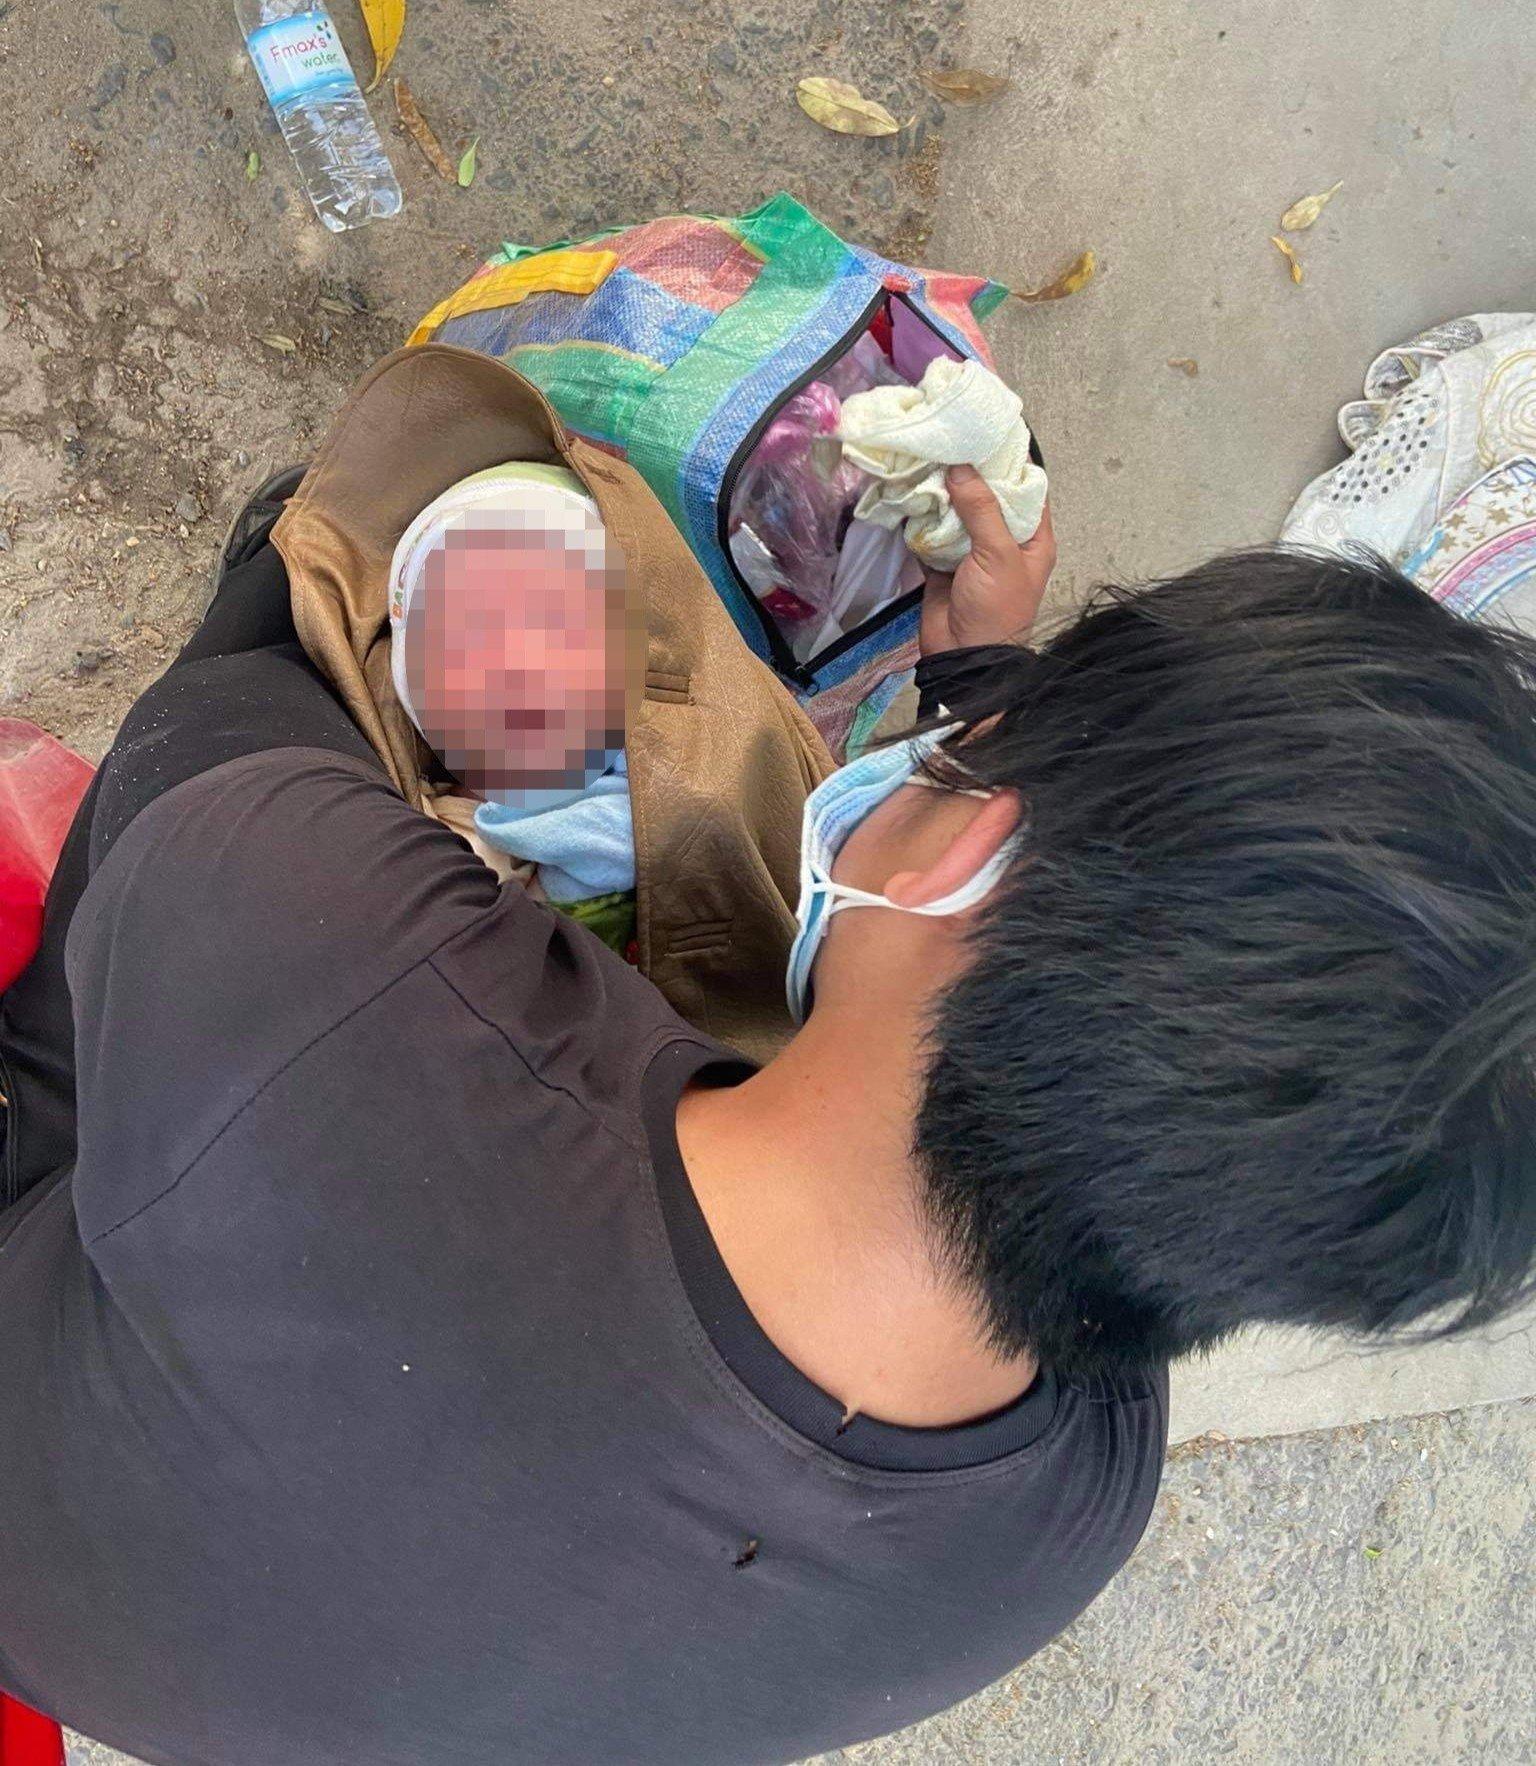 Bé 10 ngày tuổi cùng bố mẹ vượt 1.500 km về quê tránh dịch: Hành trình ngắn lại nhờ hai chữ 'đồng bào' 3